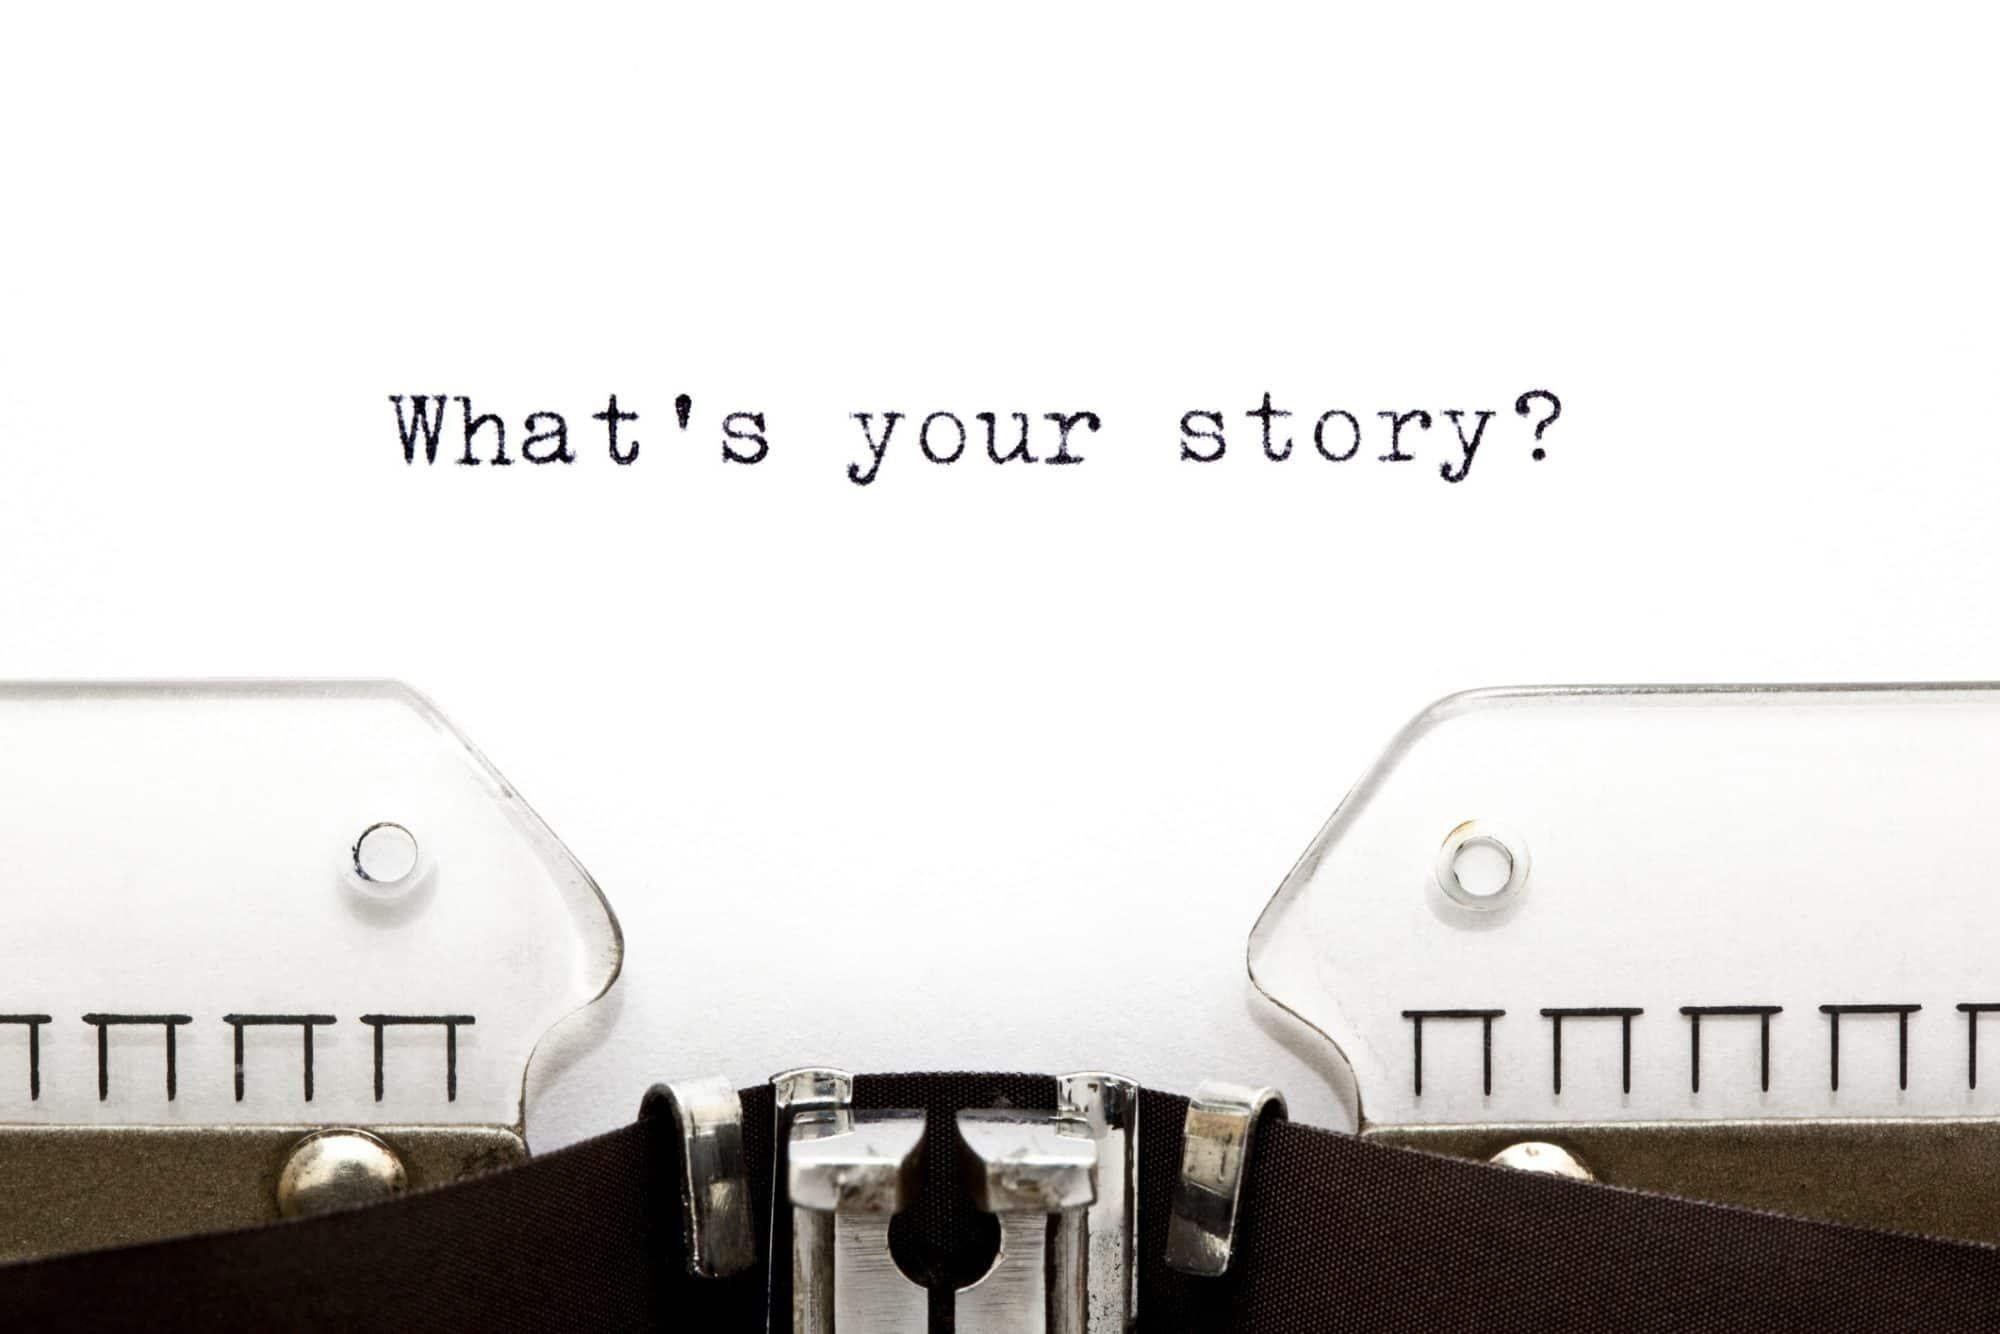 Le storytelling au service des marques